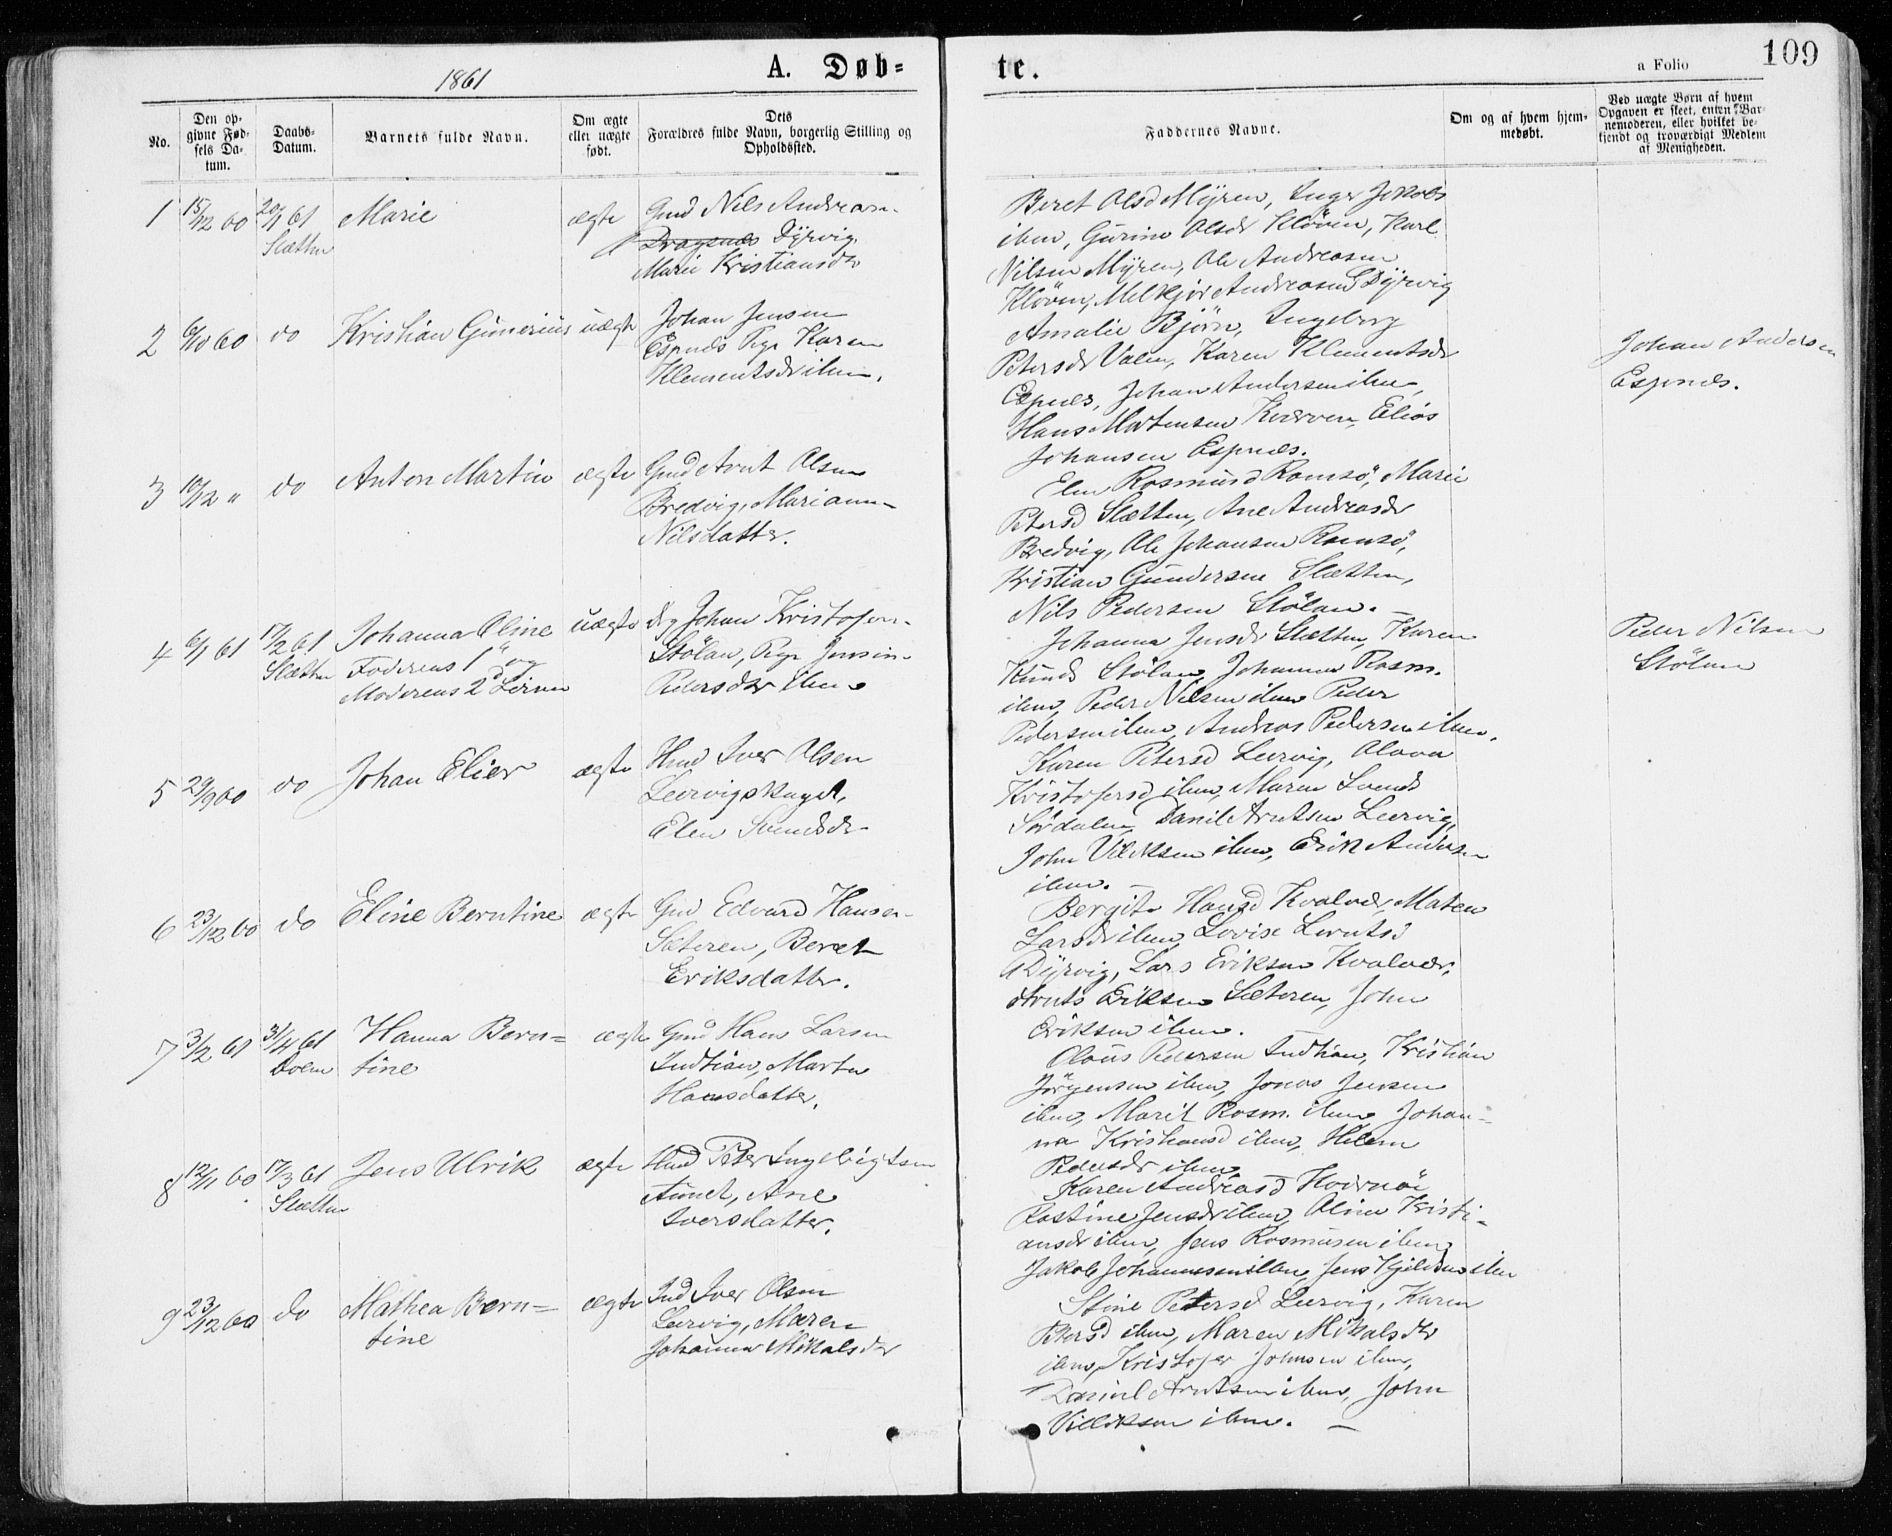 SAT, Ministerialprotokoller, klokkerbøker og fødselsregistre - Sør-Trøndelag, 640/L0576: Ministerialbok nr. 640A01, 1846-1876, s. 109